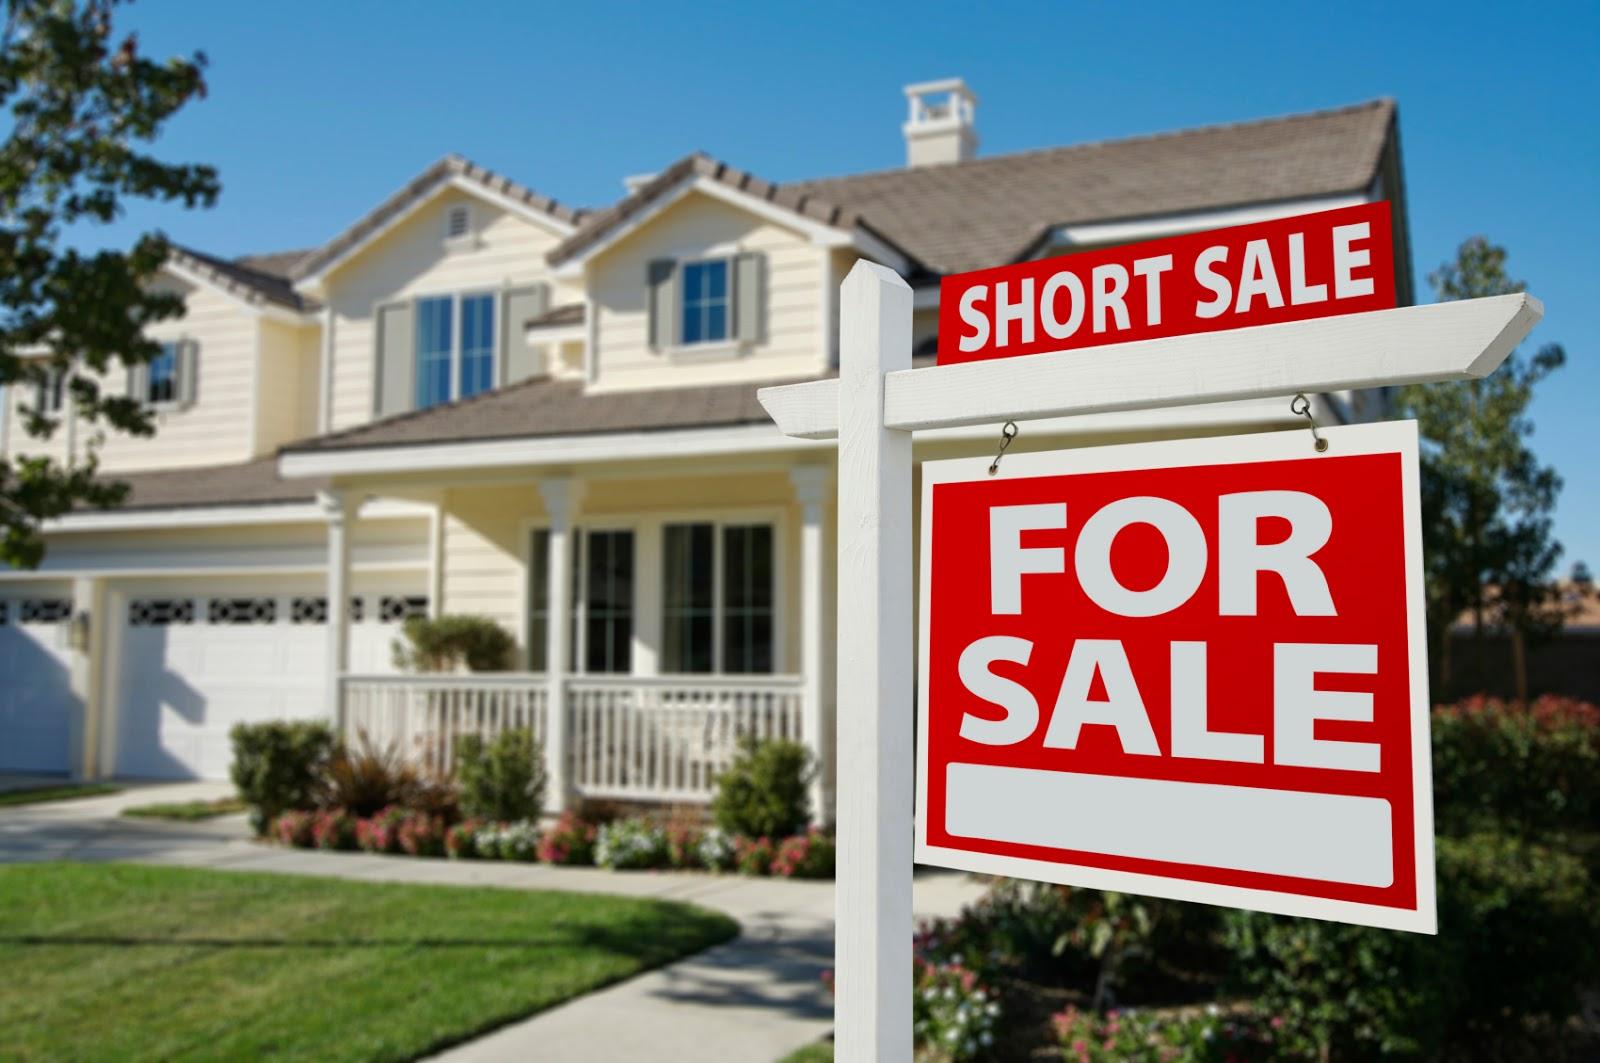 Menjual Rumah Agar Cepat Laku